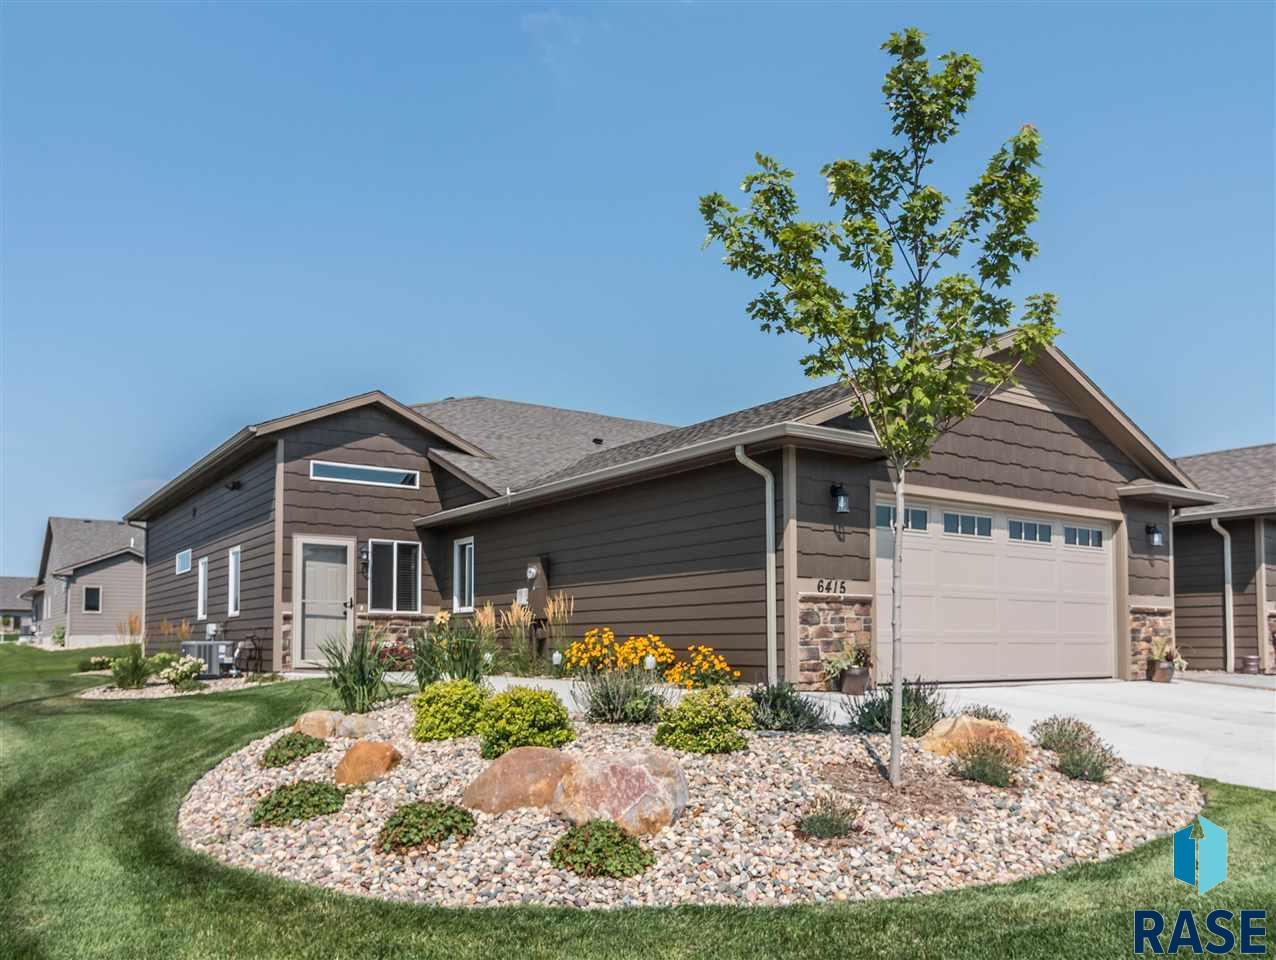 6415 Keller Cir, Sioux Falls, SD 57108